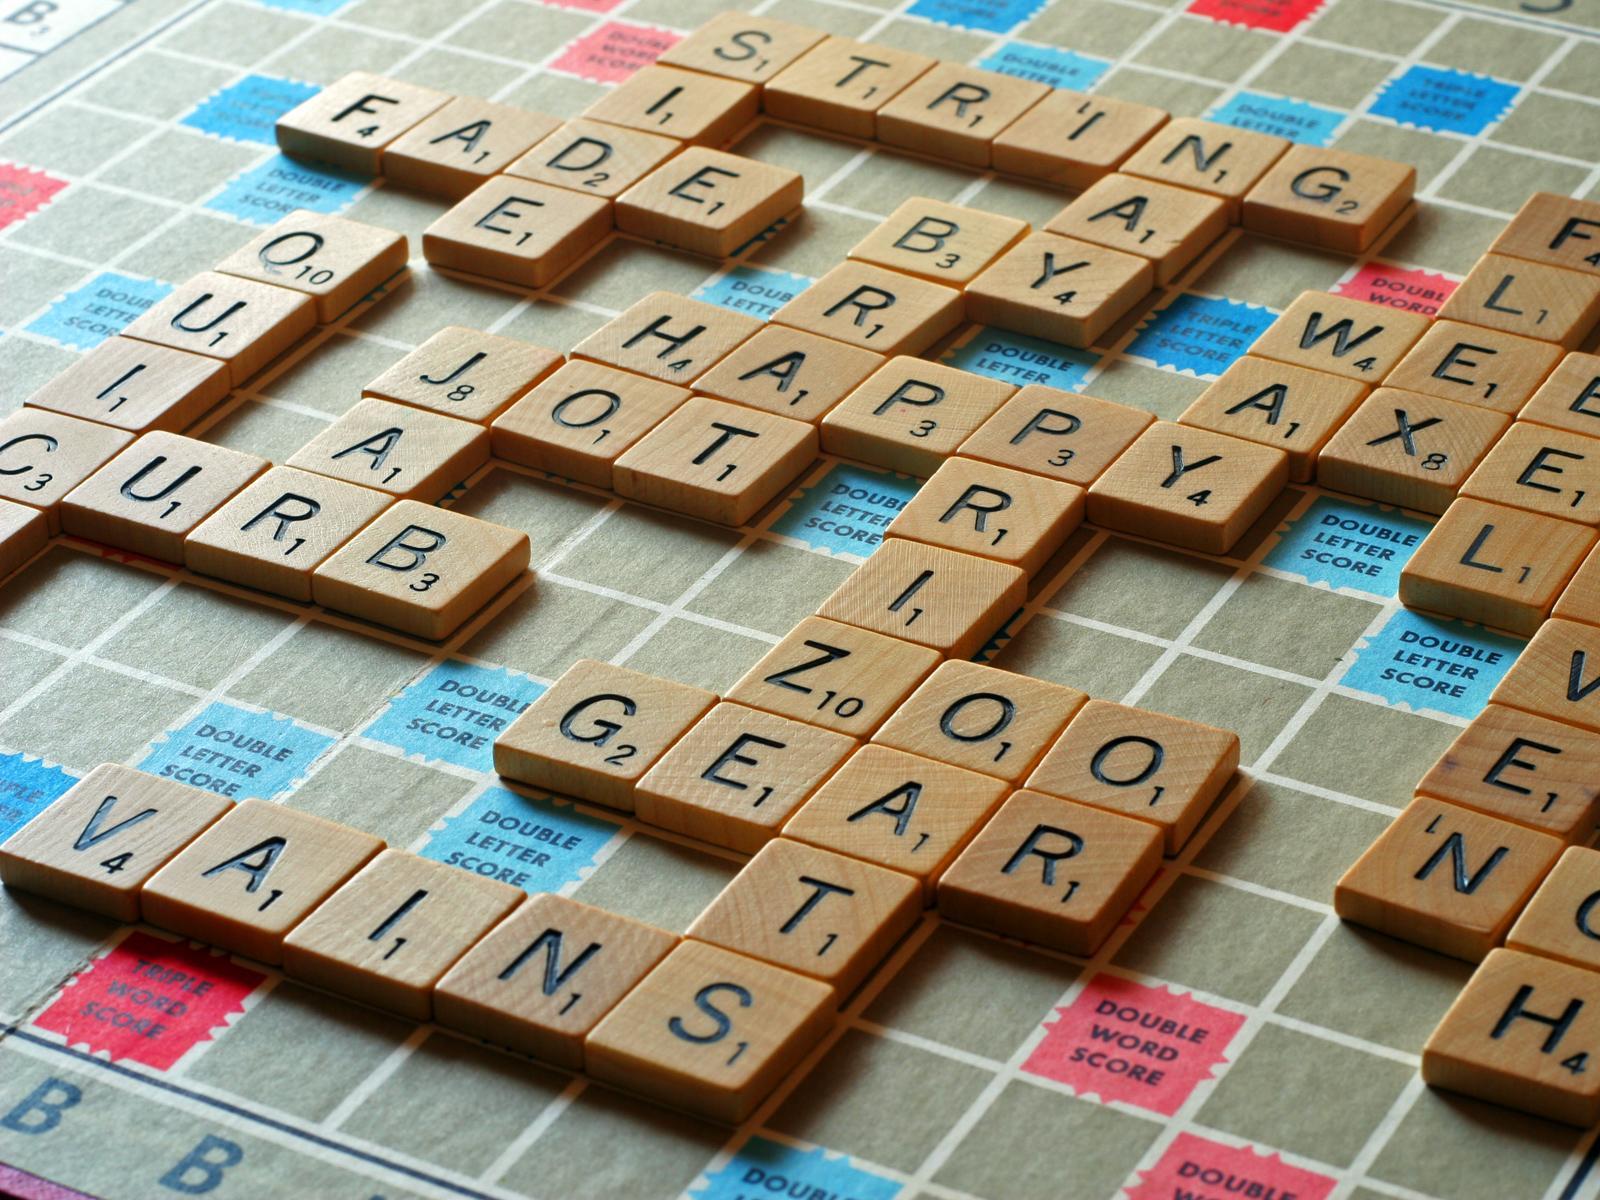 Giochi da tavolo col giornale di sicilia dal 23 ottobre lo scarabeo giornale di sicilia - Scarabeo gioco da tavolo ...